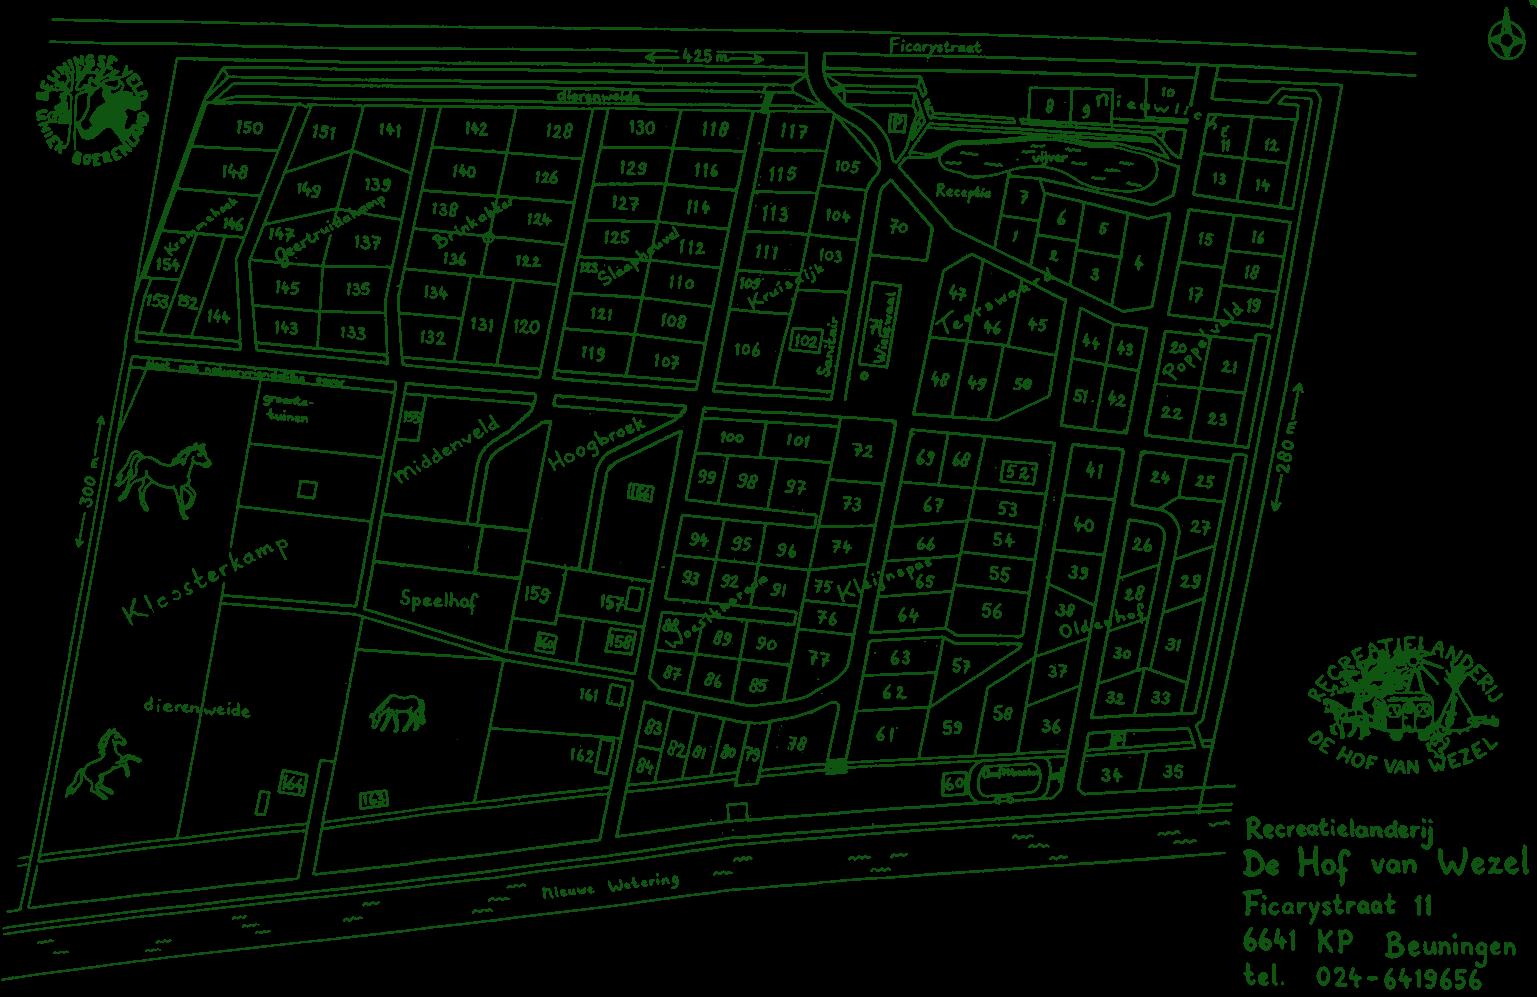 plattegrond Recreatielanderij De Hof van Wezel